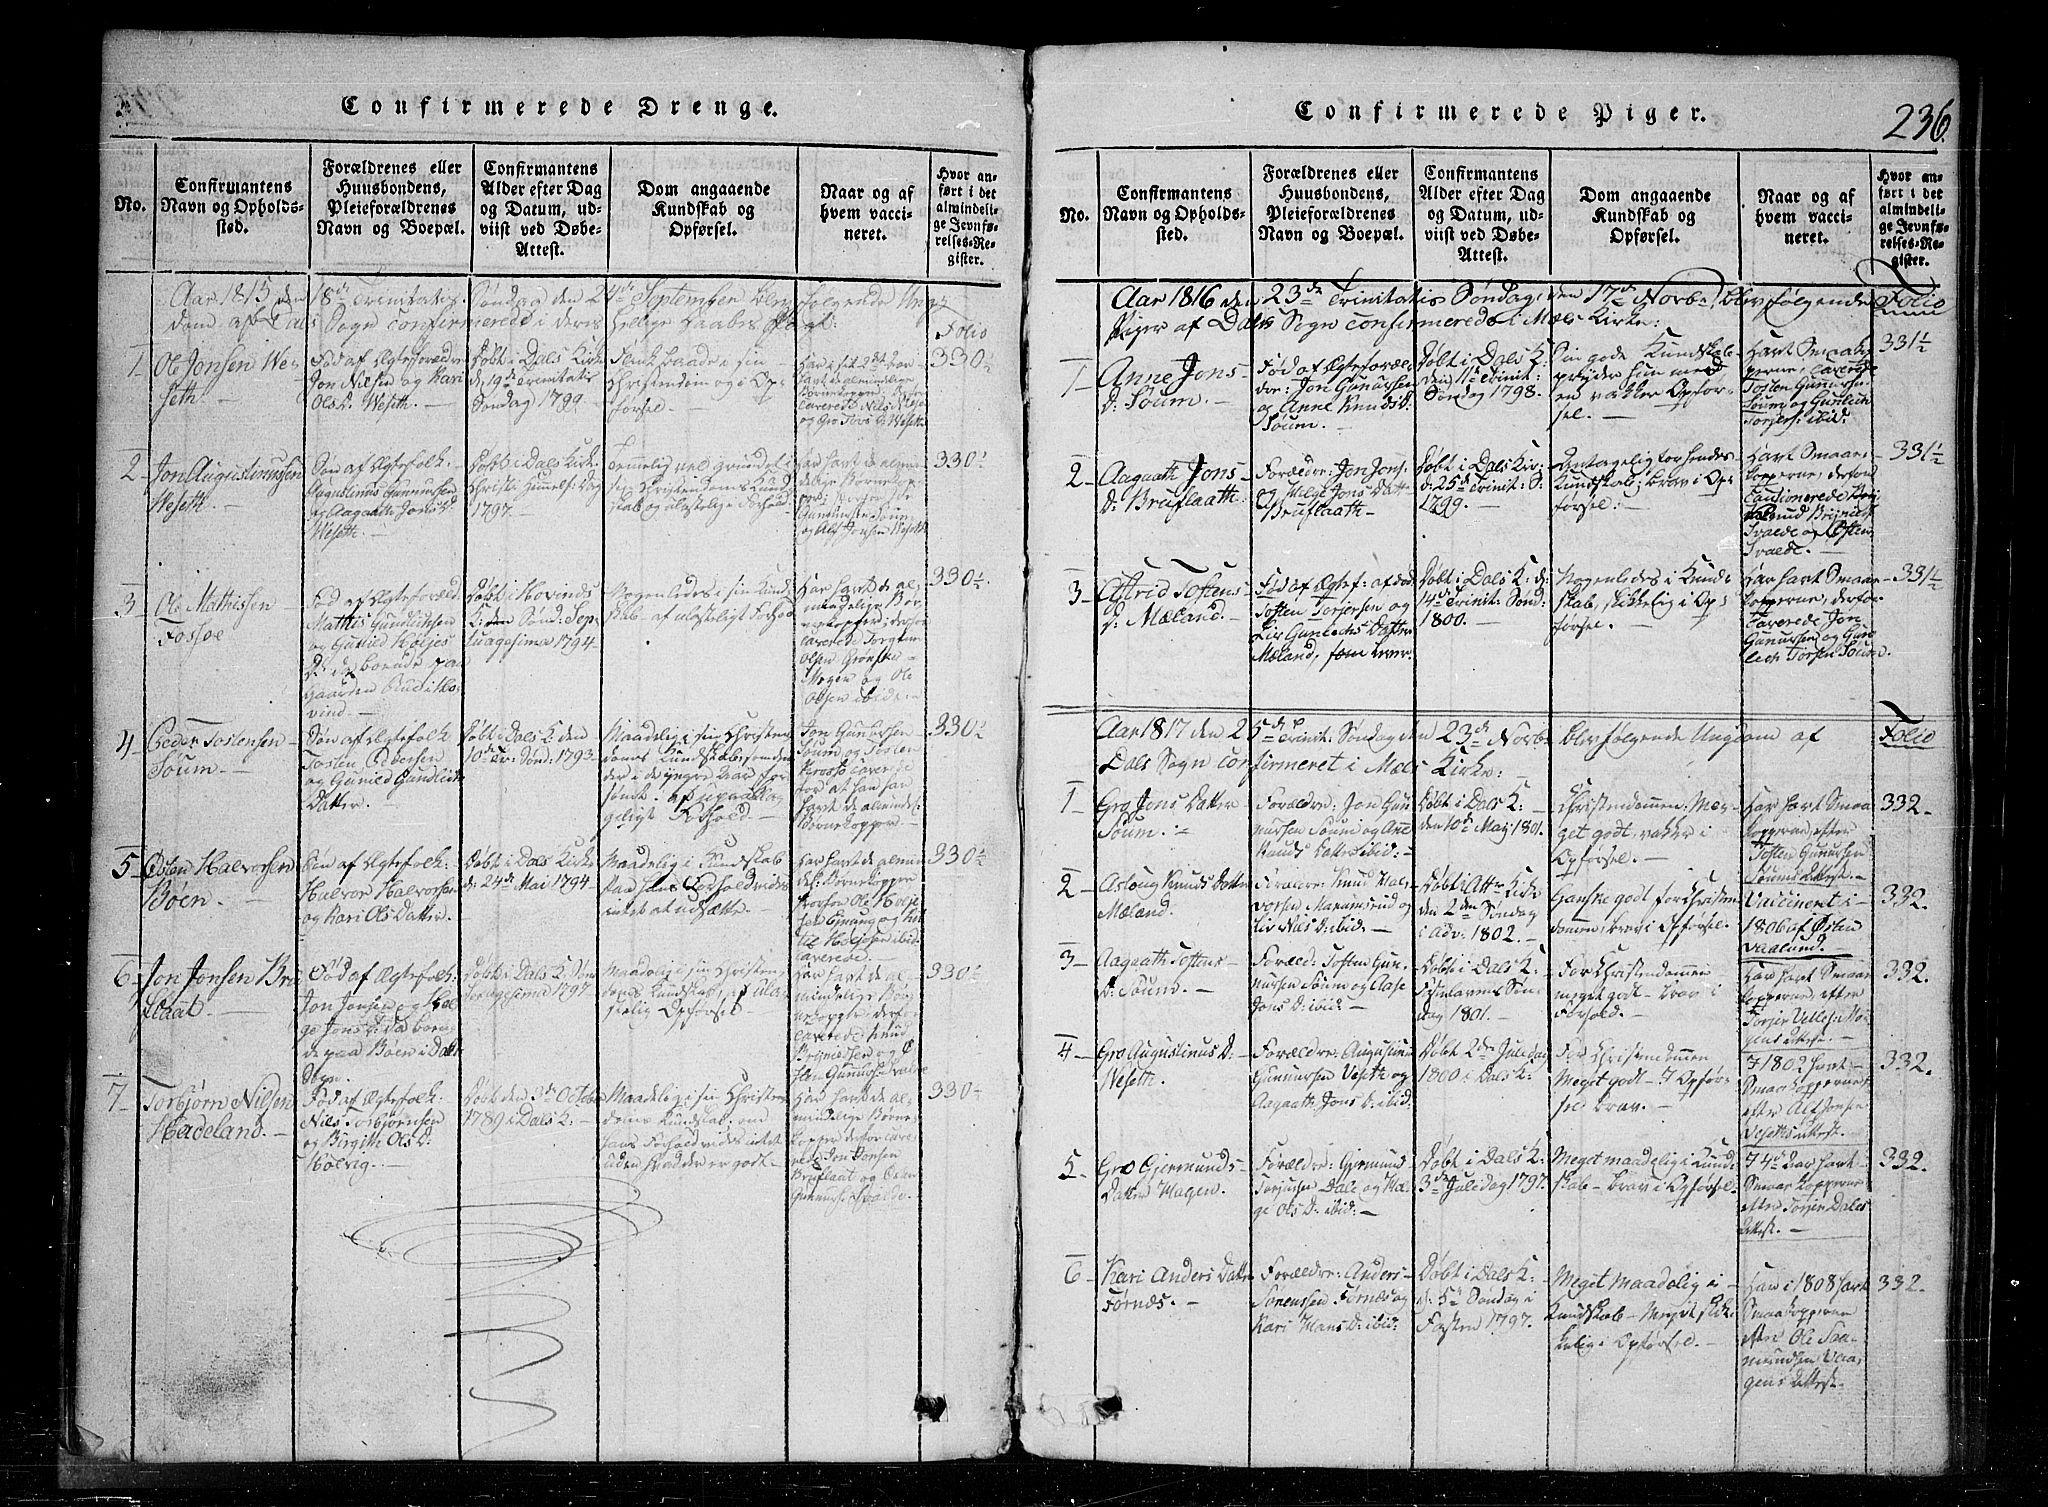 SAKO, Tinn kirkebøker, G/Gc/L0001: Klokkerbok nr. III 1, 1815-1879, s. 236